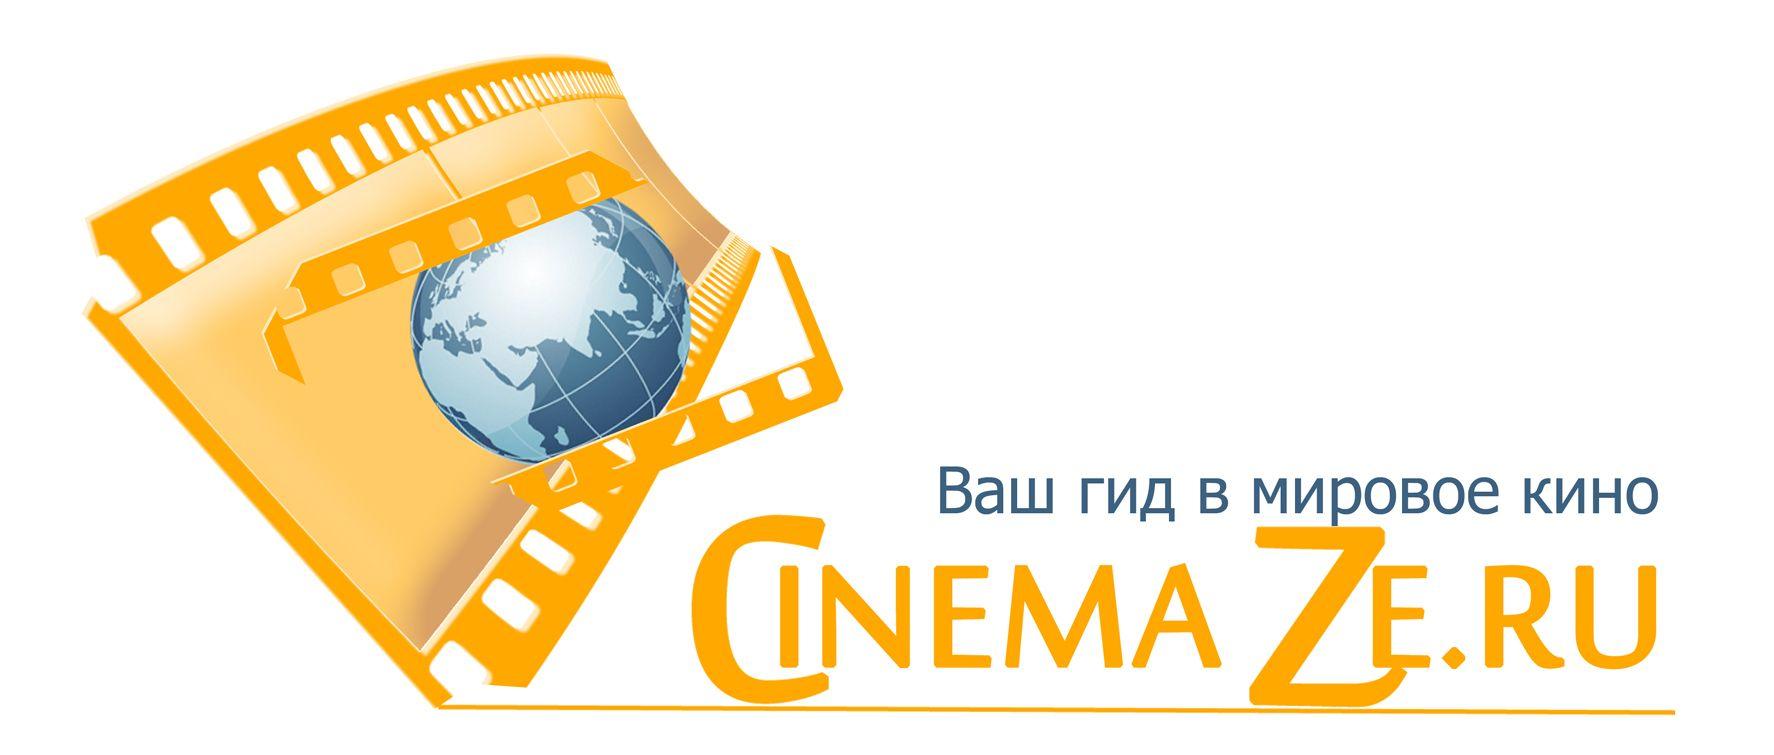 Логотип для кино-сайта - дизайнер yourlserv